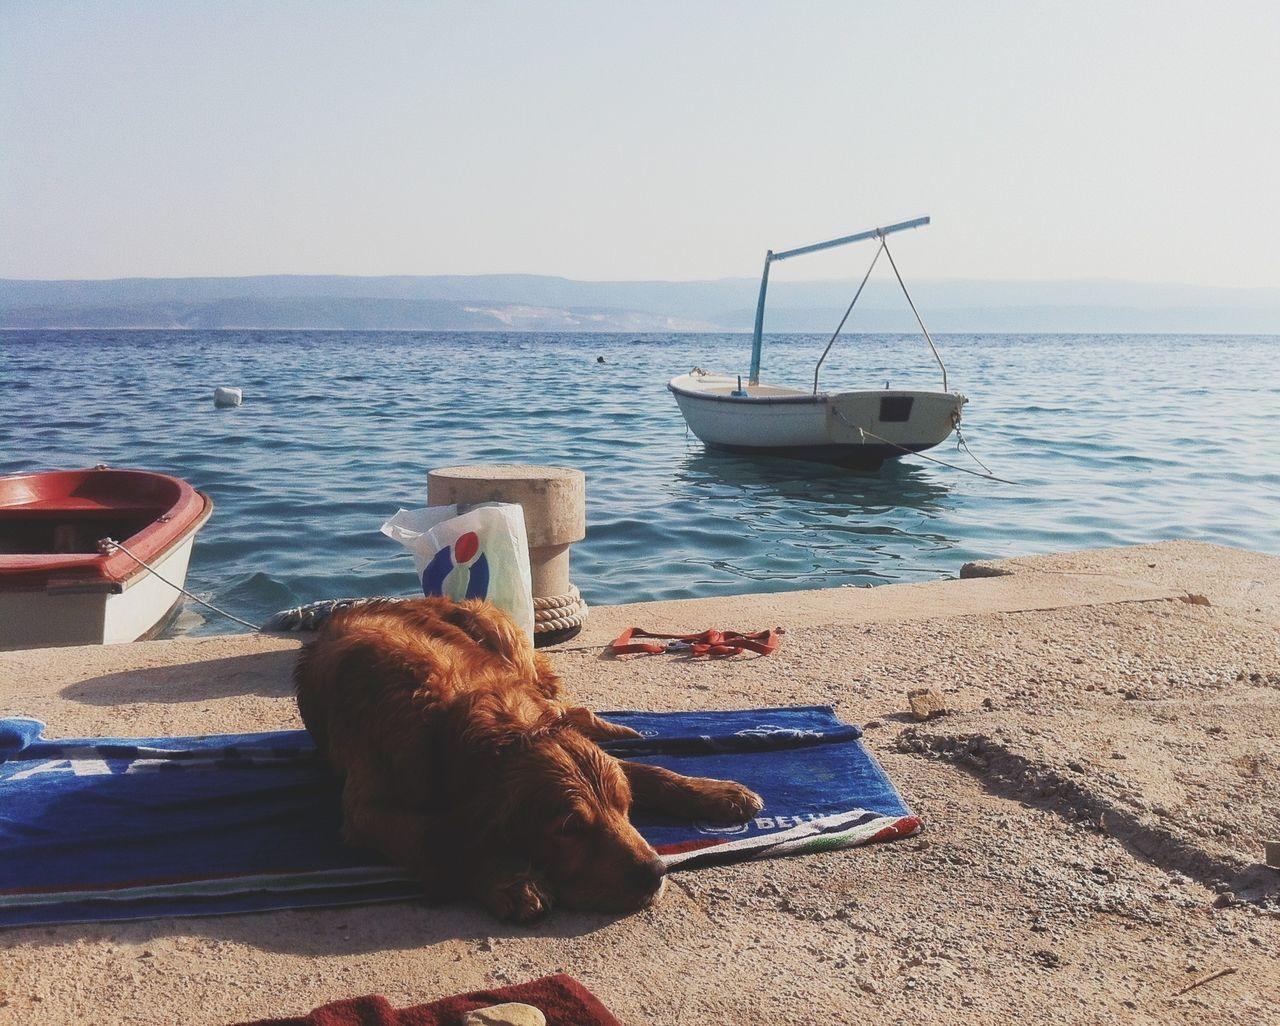 AMPt_community Vscocam Croatia Summer Views